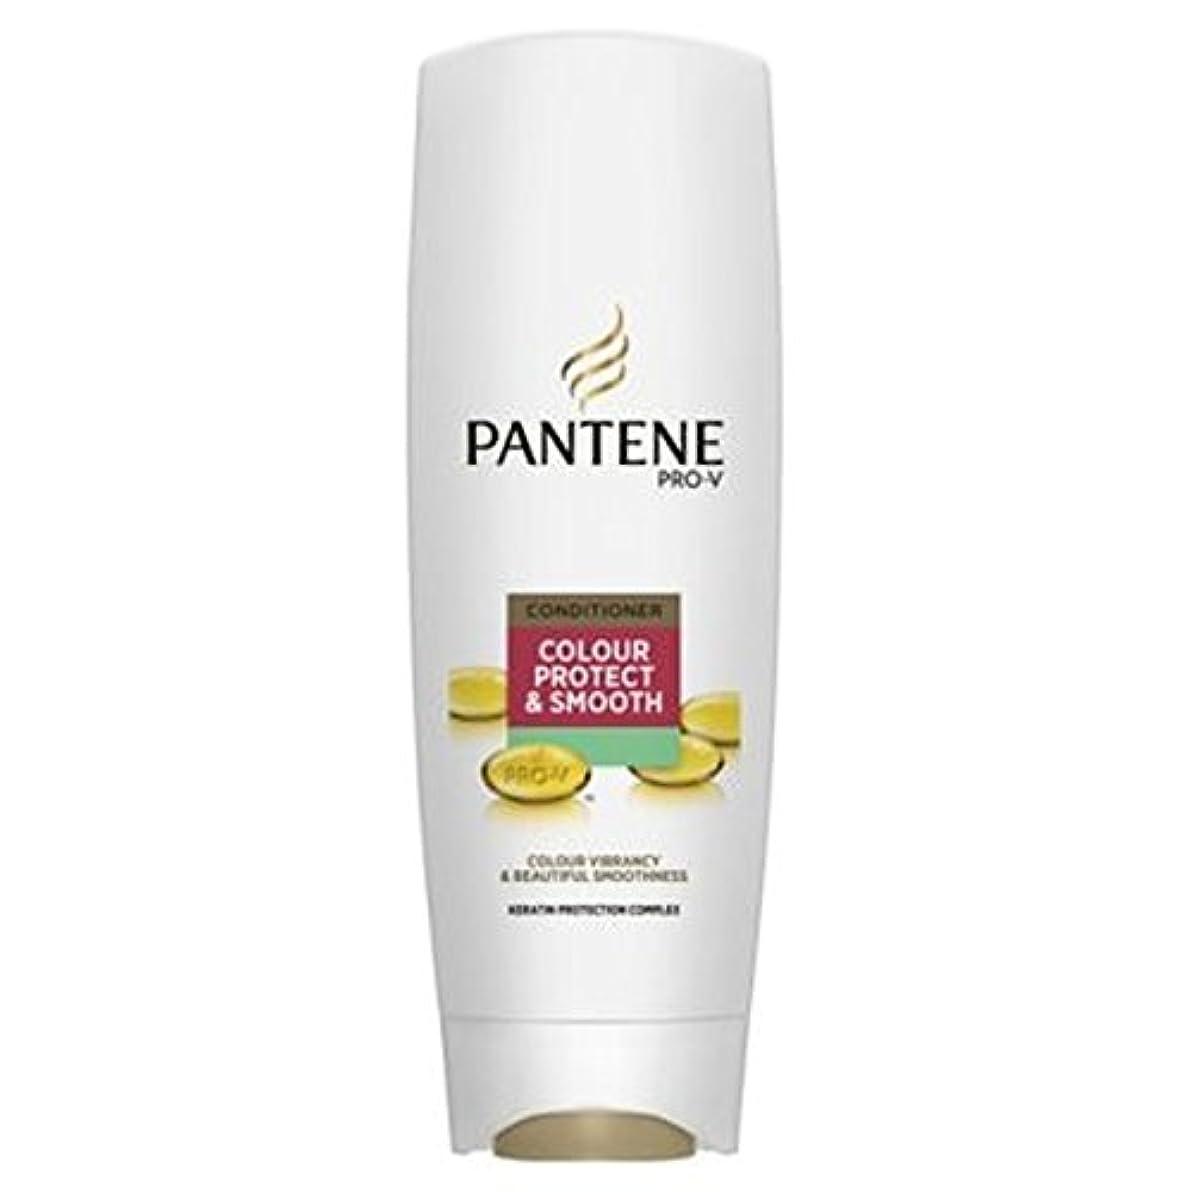 自分ひねくれた地上のPantene Pro-V Colour Protect & Smooth Conditioner 360ml - パンテーンプロVの色保護&スムーズコンディショナー360ミリリットル (Pantene) [並行輸入品]